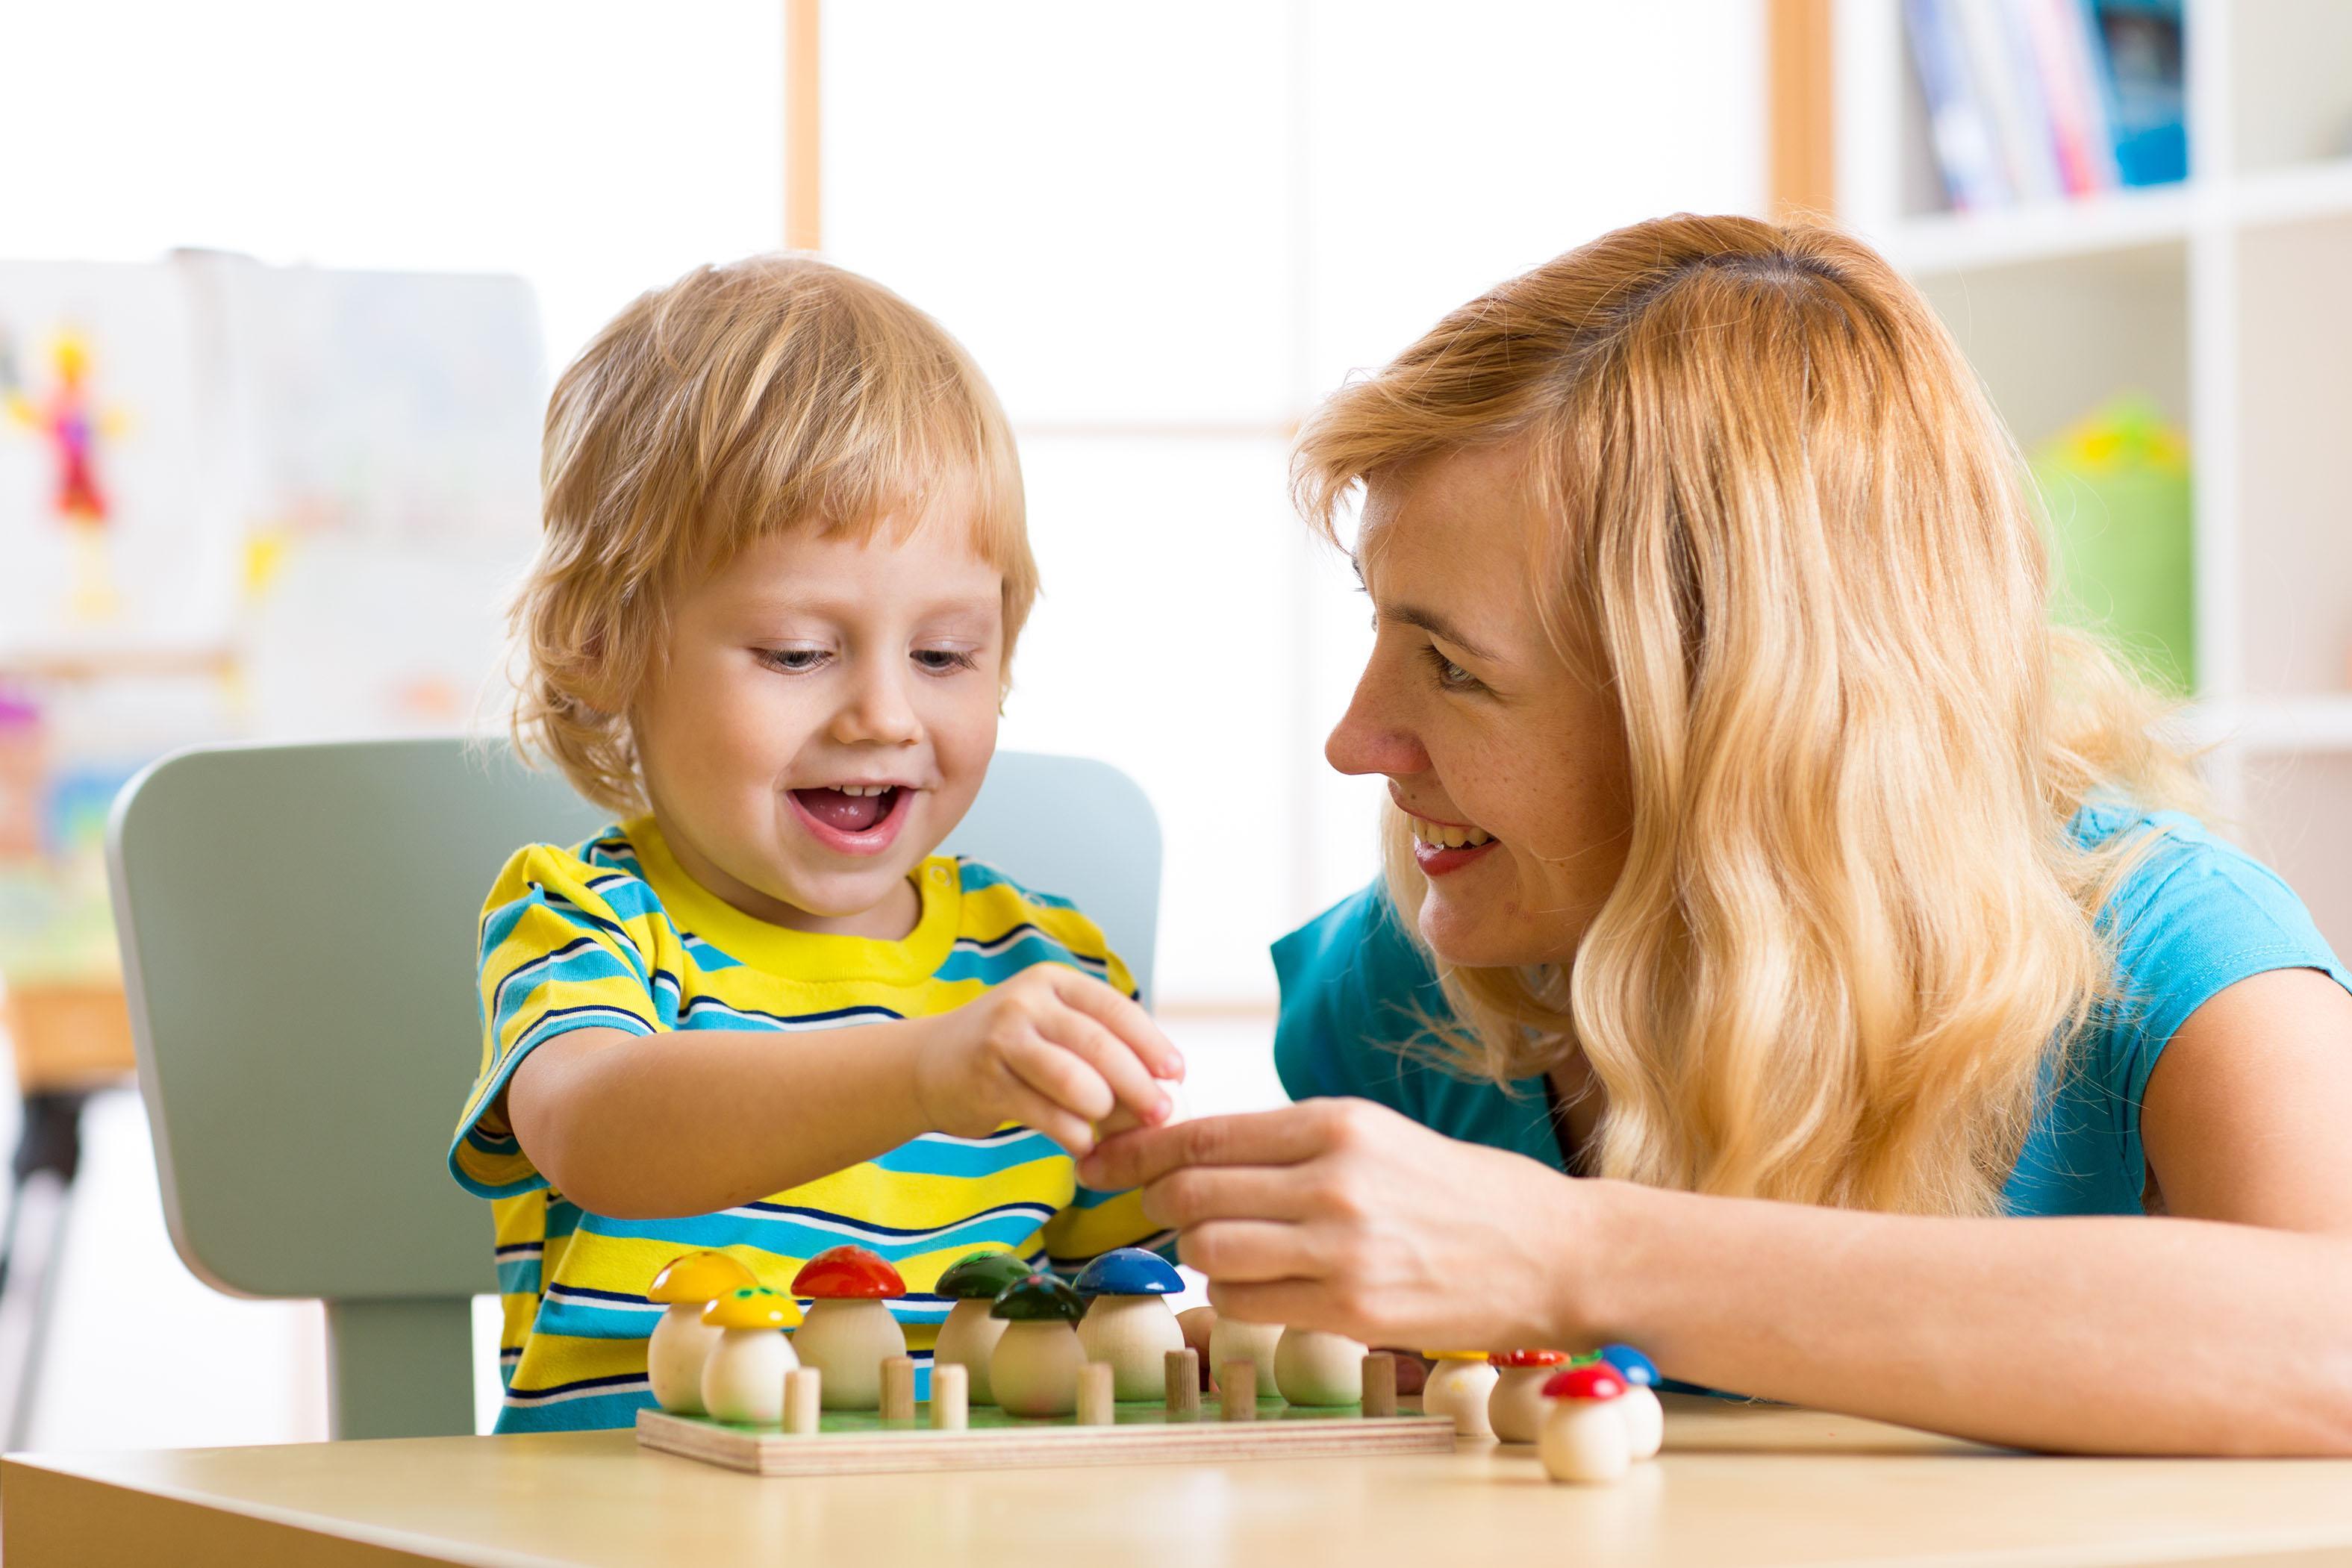 Come prepararsi per il lavoro da babysitter